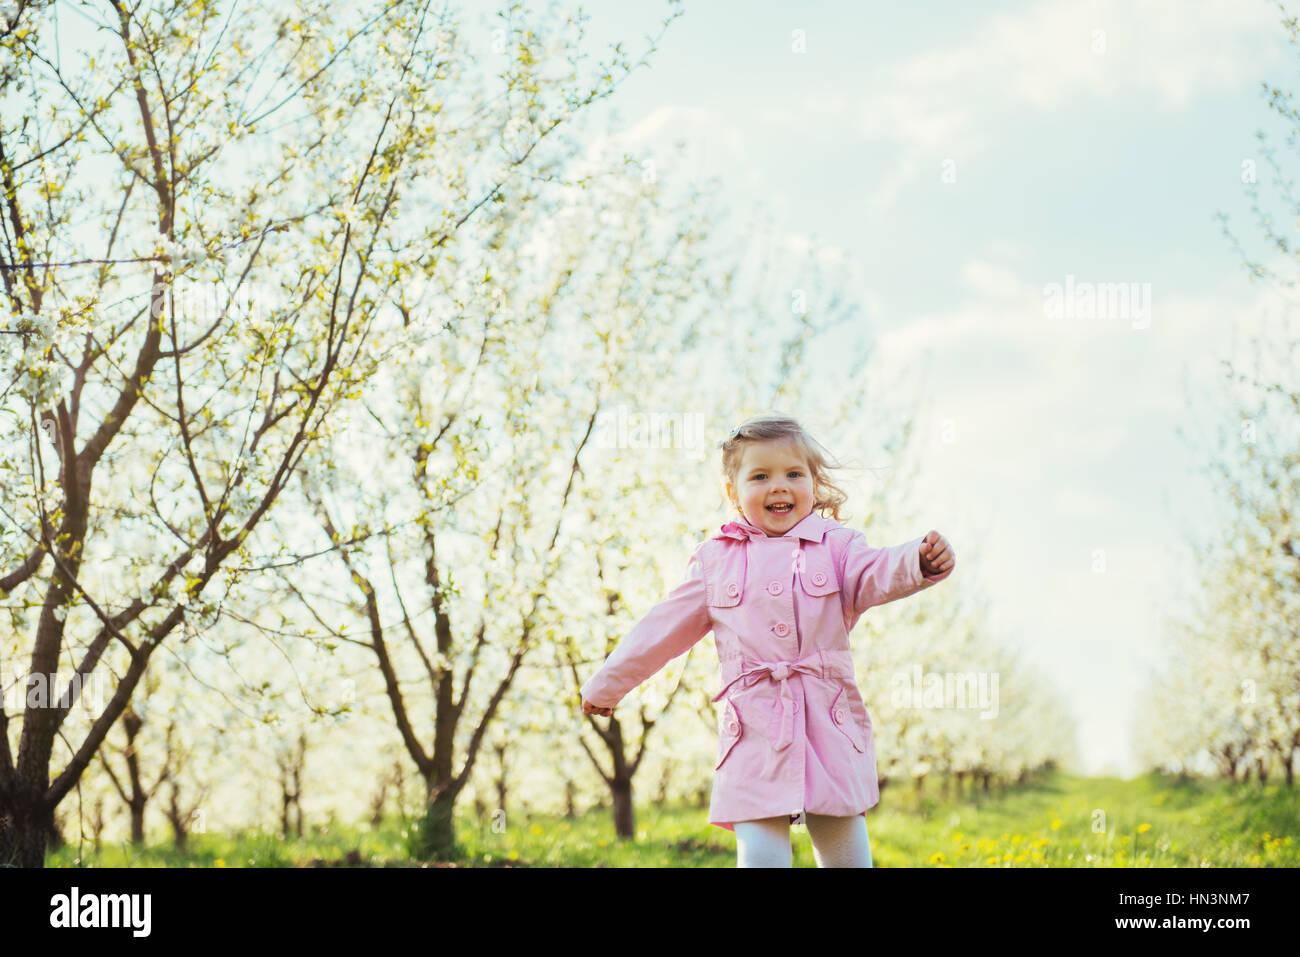 Niño corriendo en exteriores árboles en flor. Arte y retoque de procesamiento Imagen De Stock